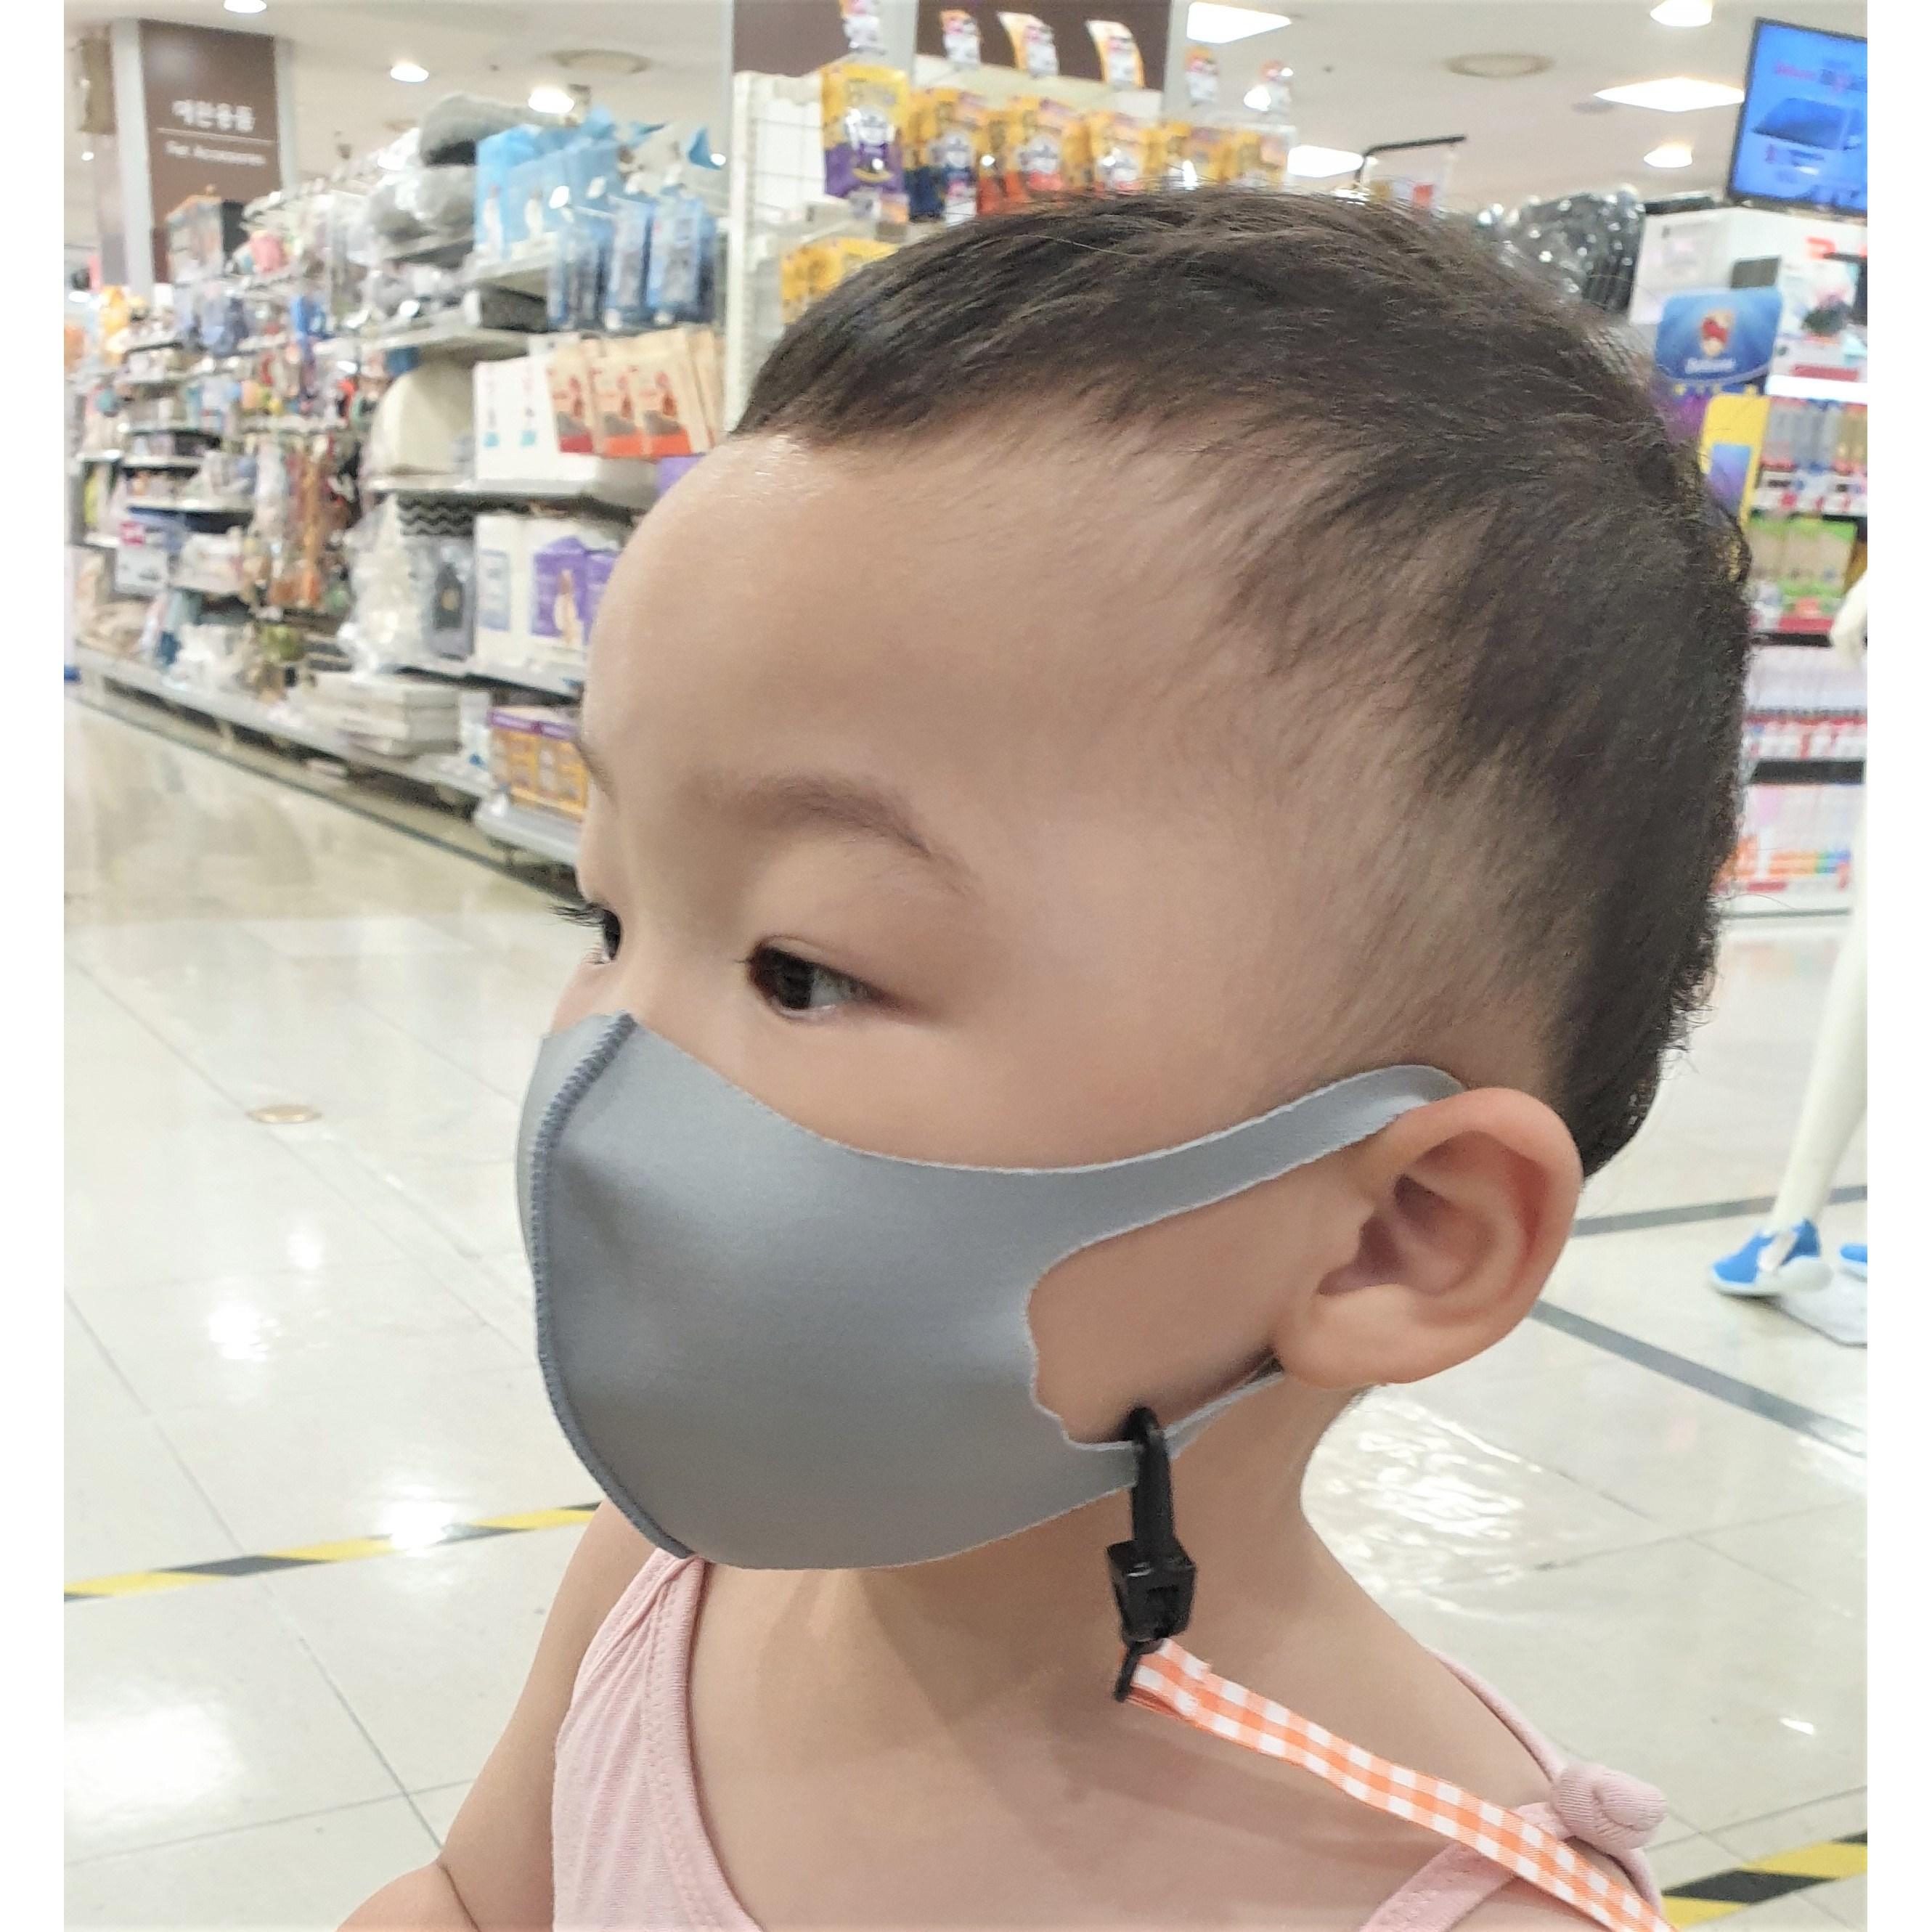 엄마가찾는 국내산 초소형 3D입체 세부리형 돌아기 유아 이쁜마스크 숨쉬기편안한 핑크마스크